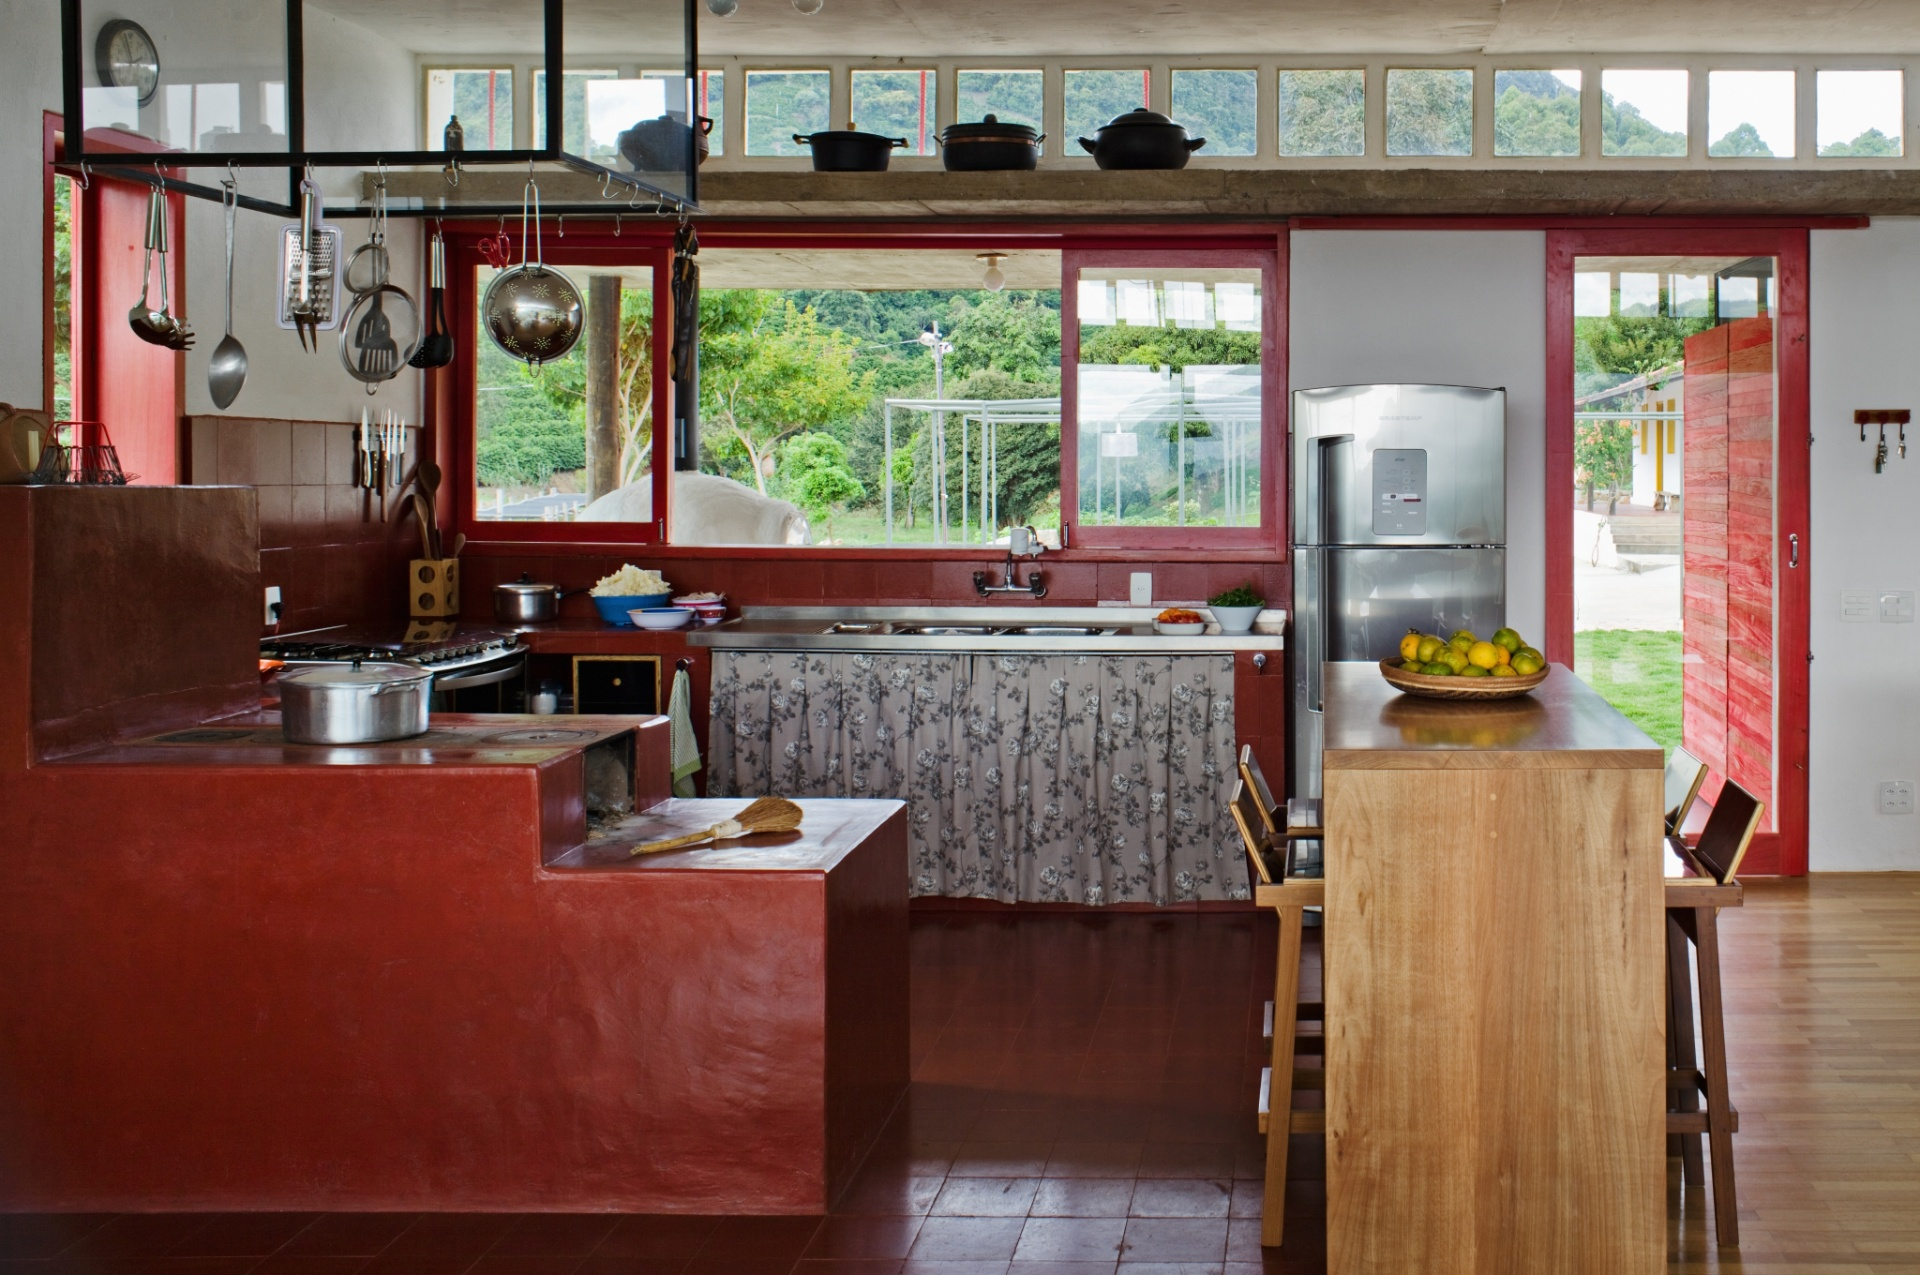 grande e de inox mas temos o tradicional fogão a lenha de alvenaria #6E2D24 1920 1275